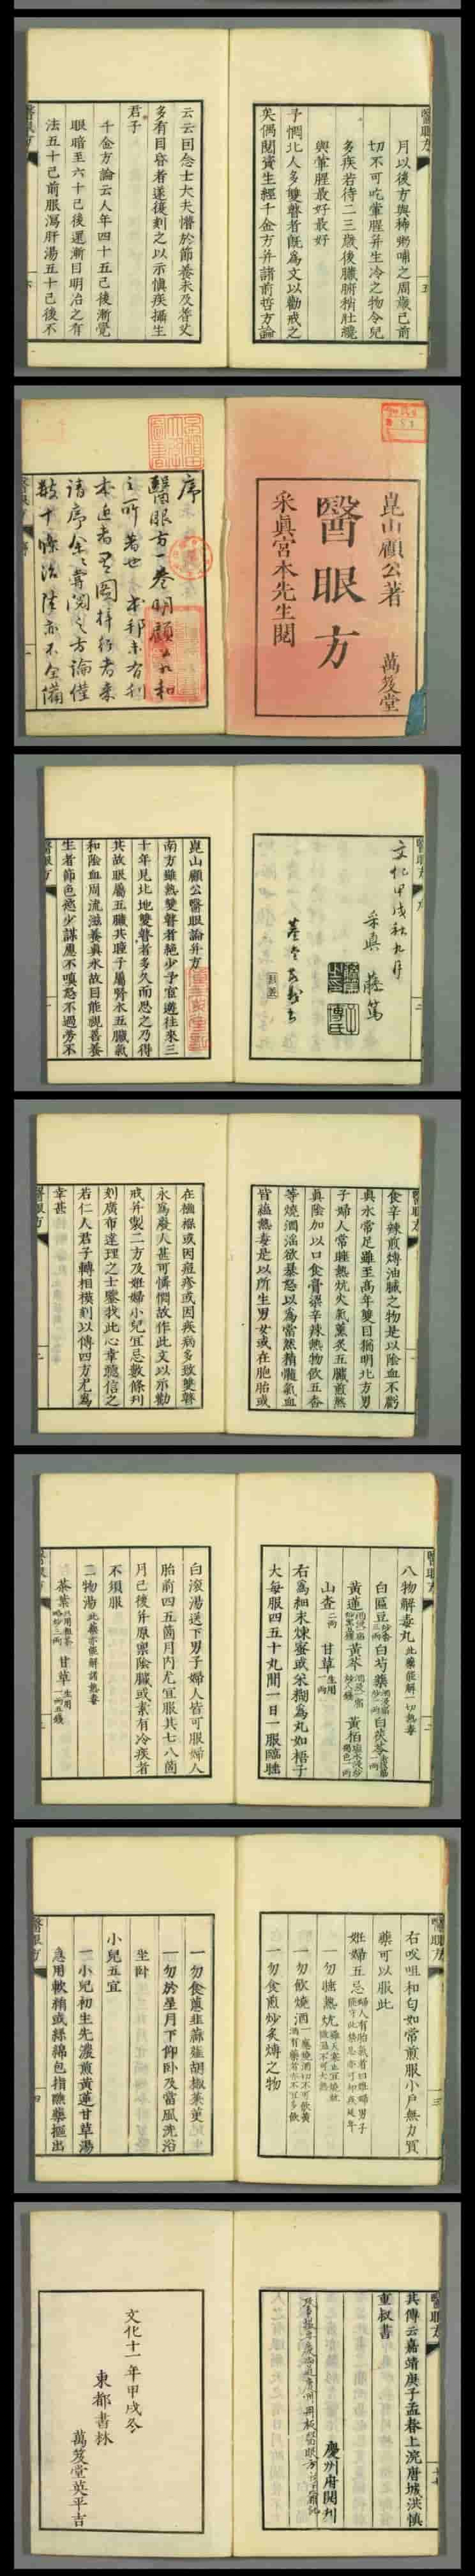 中医古籍《医眼方》偏方 秘方 手抄本 孤本 1050插图4